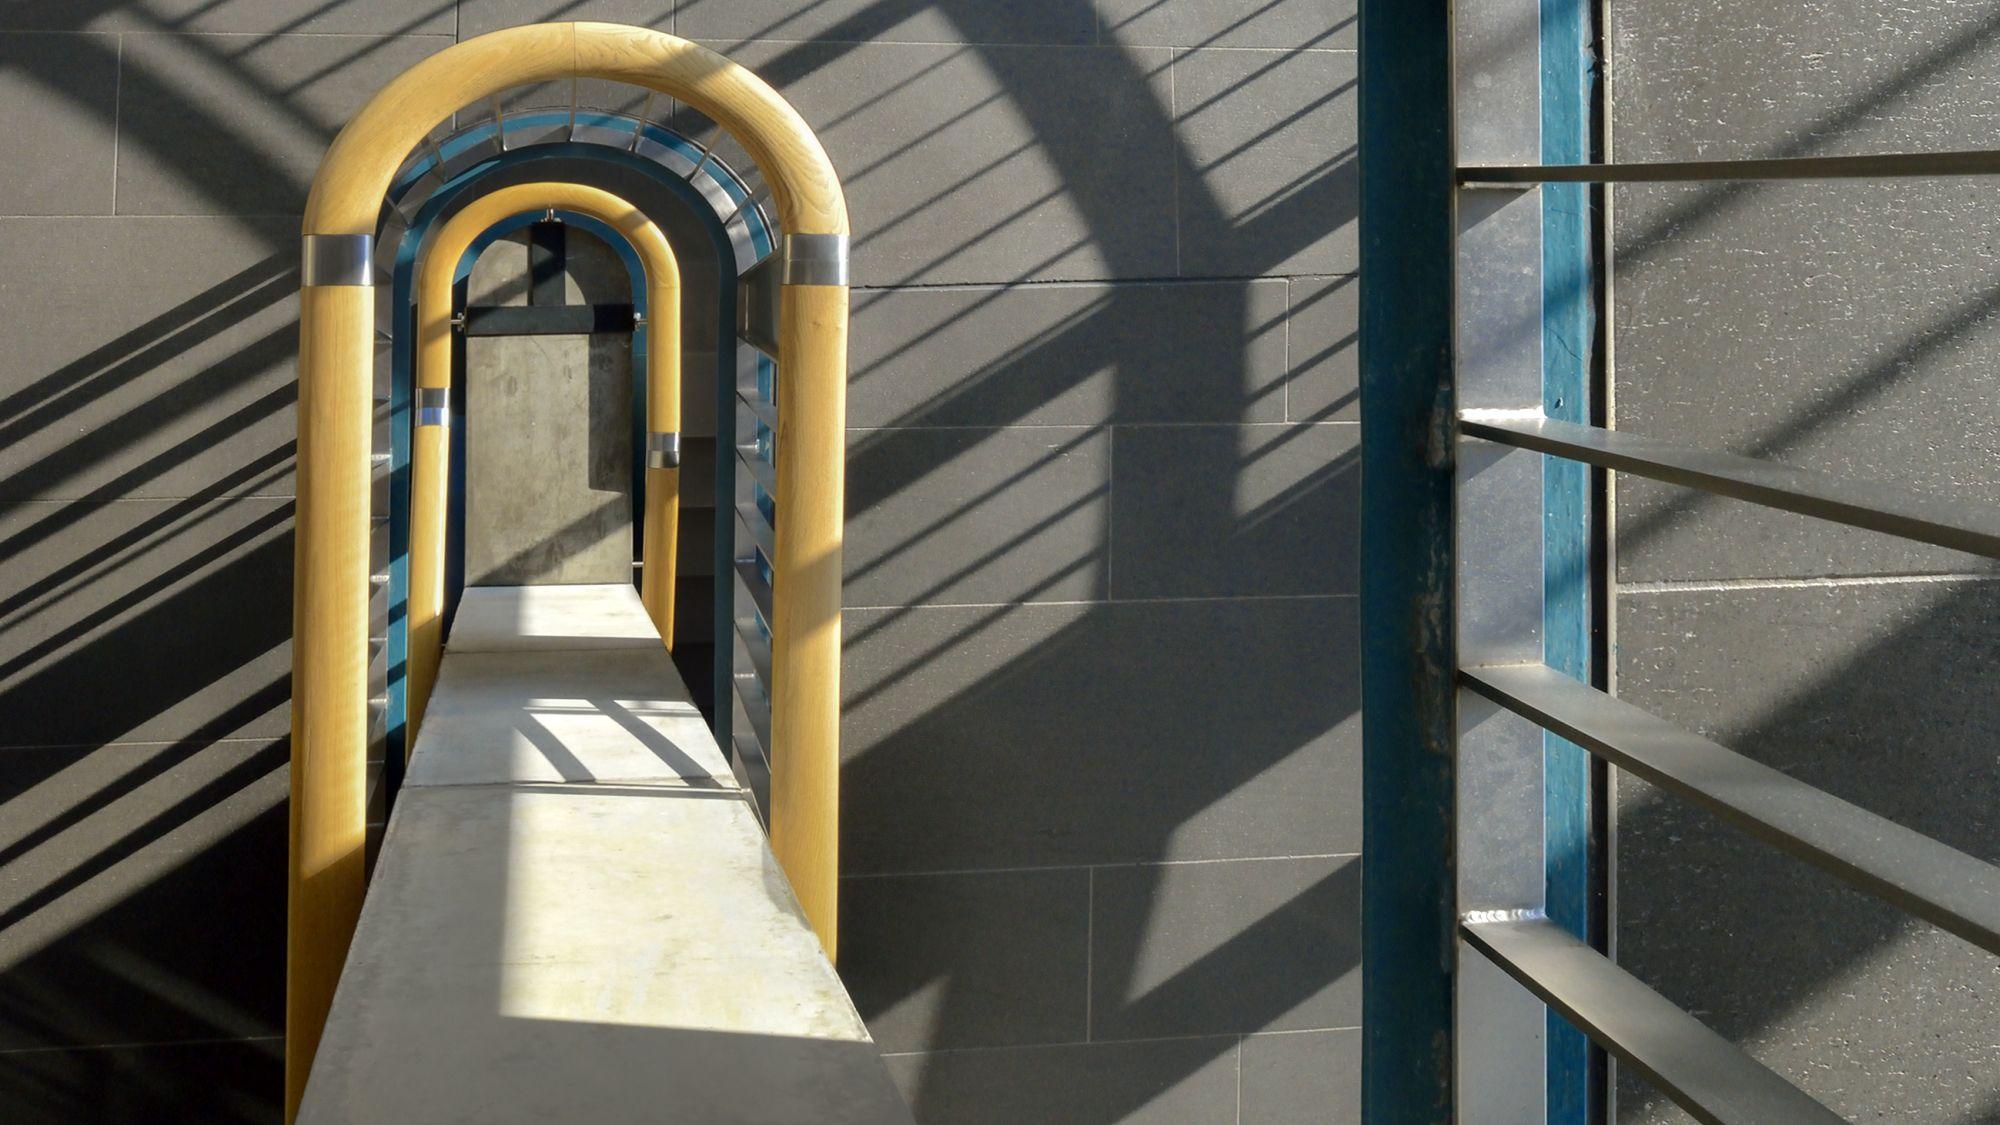 Ein gelbumrahmte Türflucht zwischen dunklen Granitwänden, Licht- und Schattenspiel